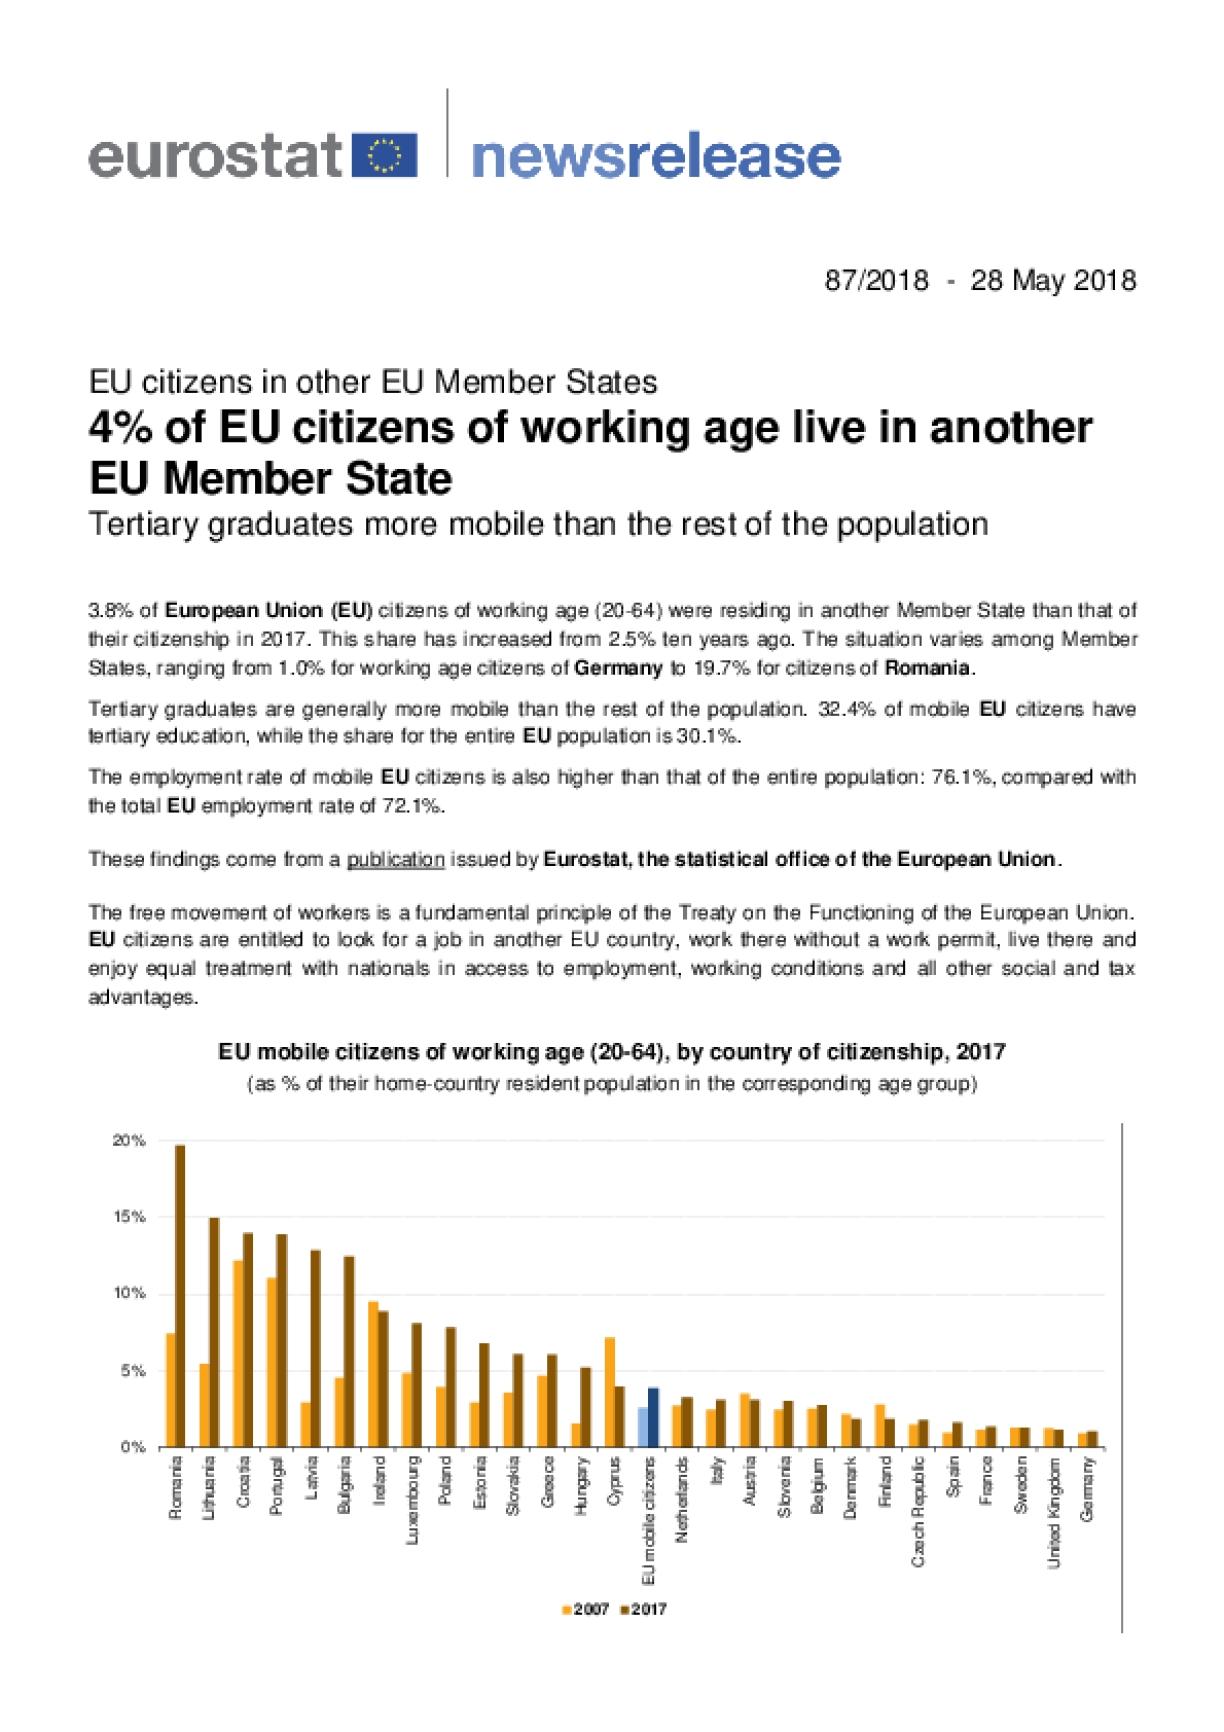 EU Citizens in Other EU Member States